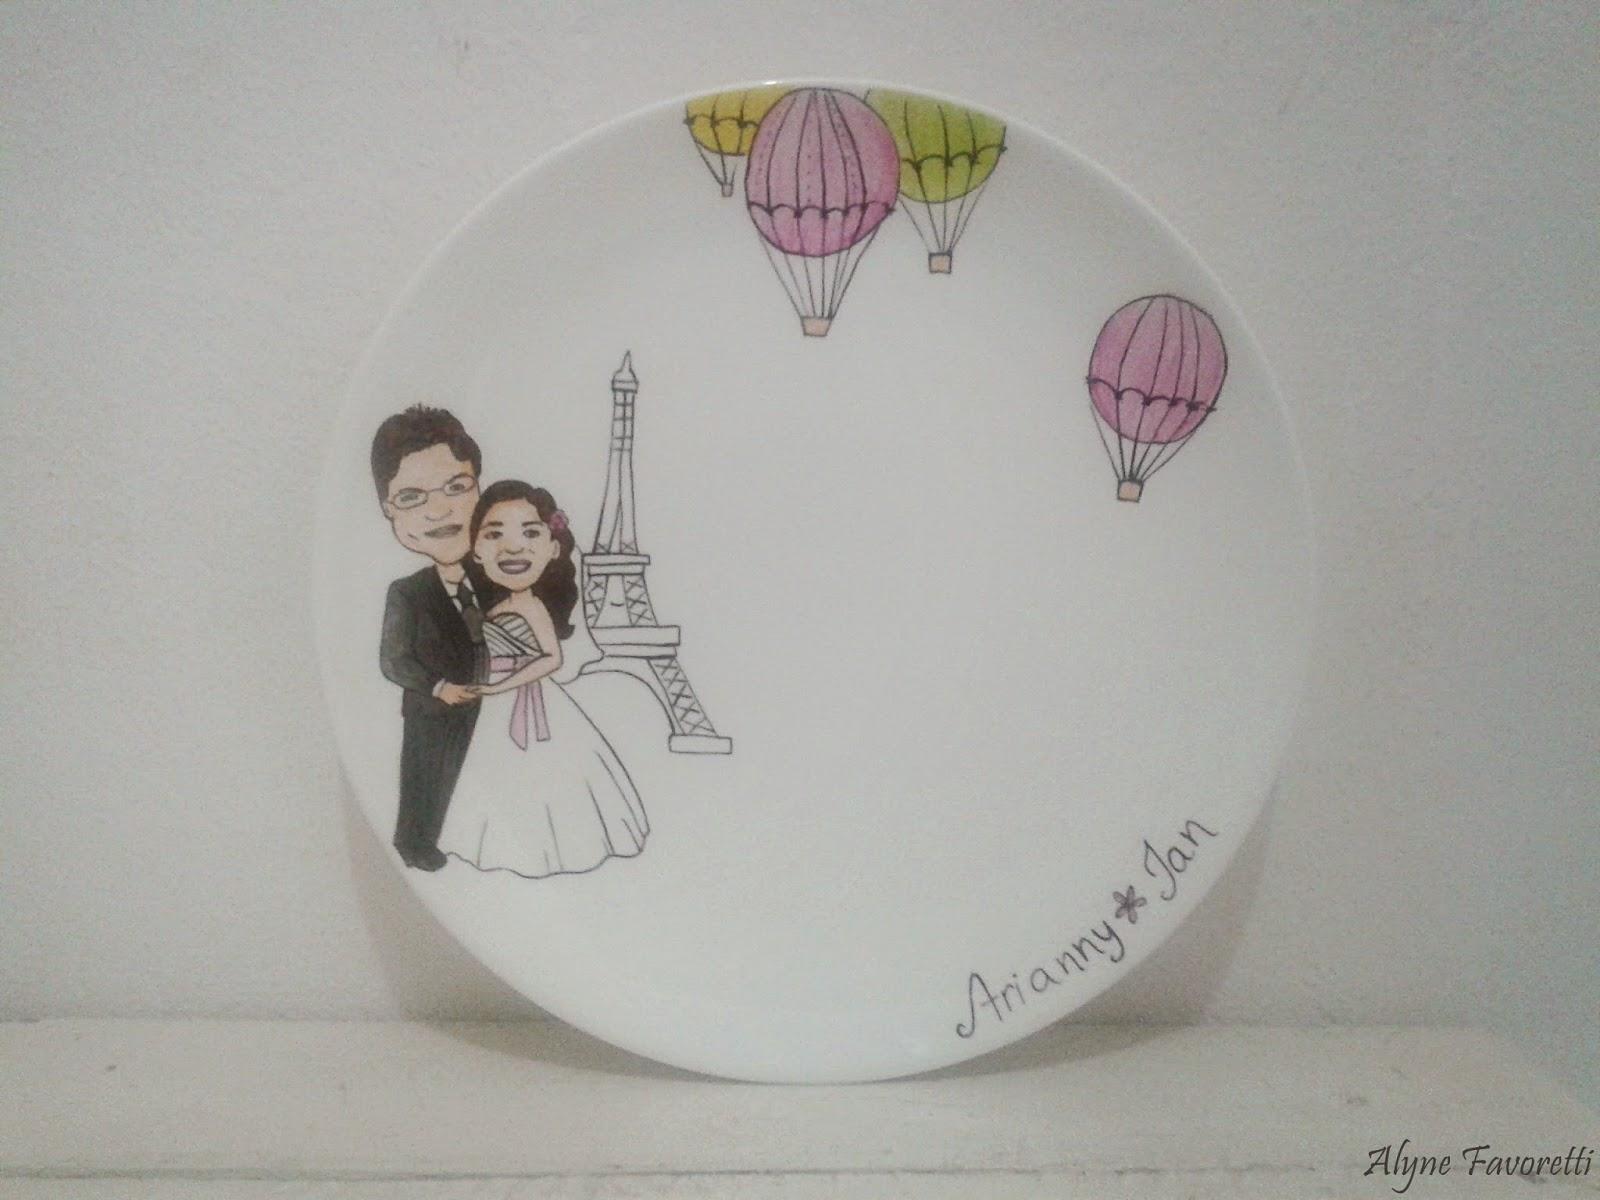 Alyne Favoretti: Aparelho de jantar Amor em Paris com caricatura #7B7546 1600x1200